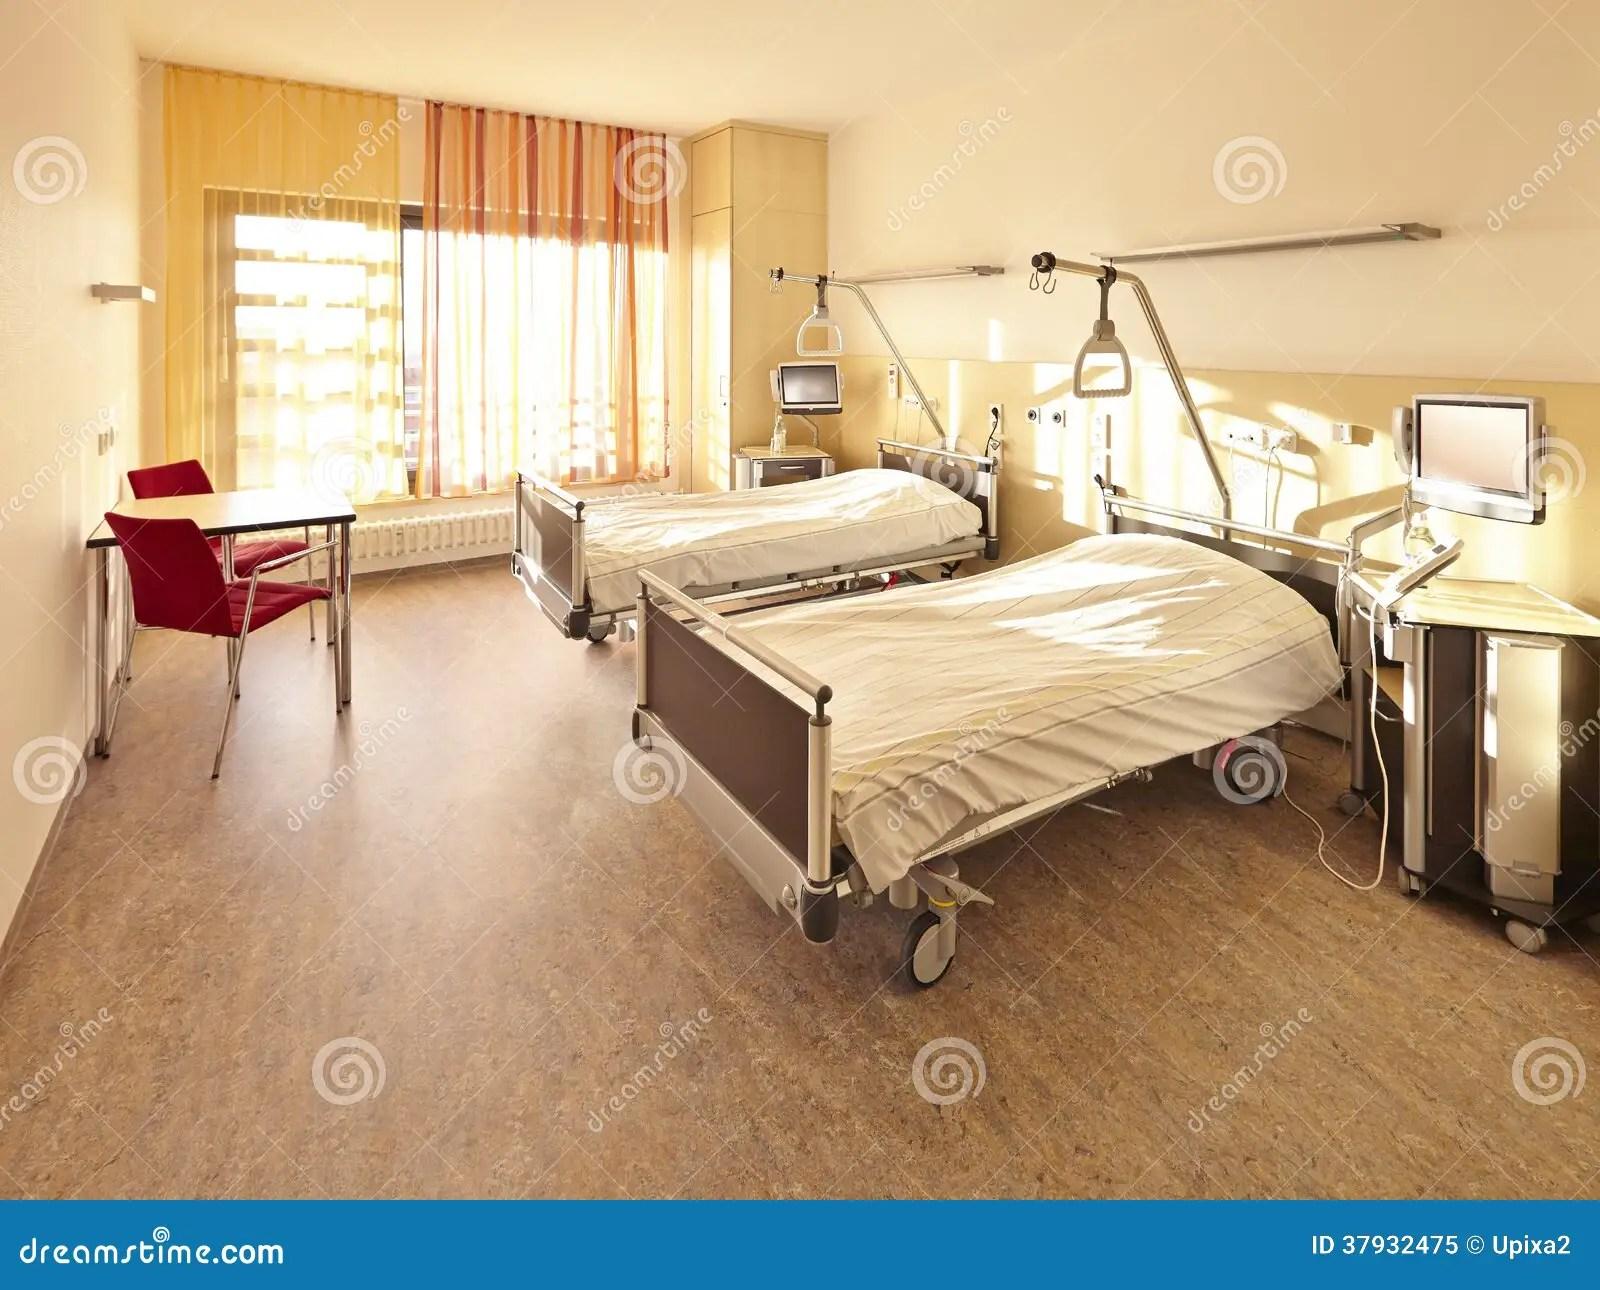 Chambre Pour Deux Personnes De Lit Dhpital Image stock  Image du trappe sant 37932475